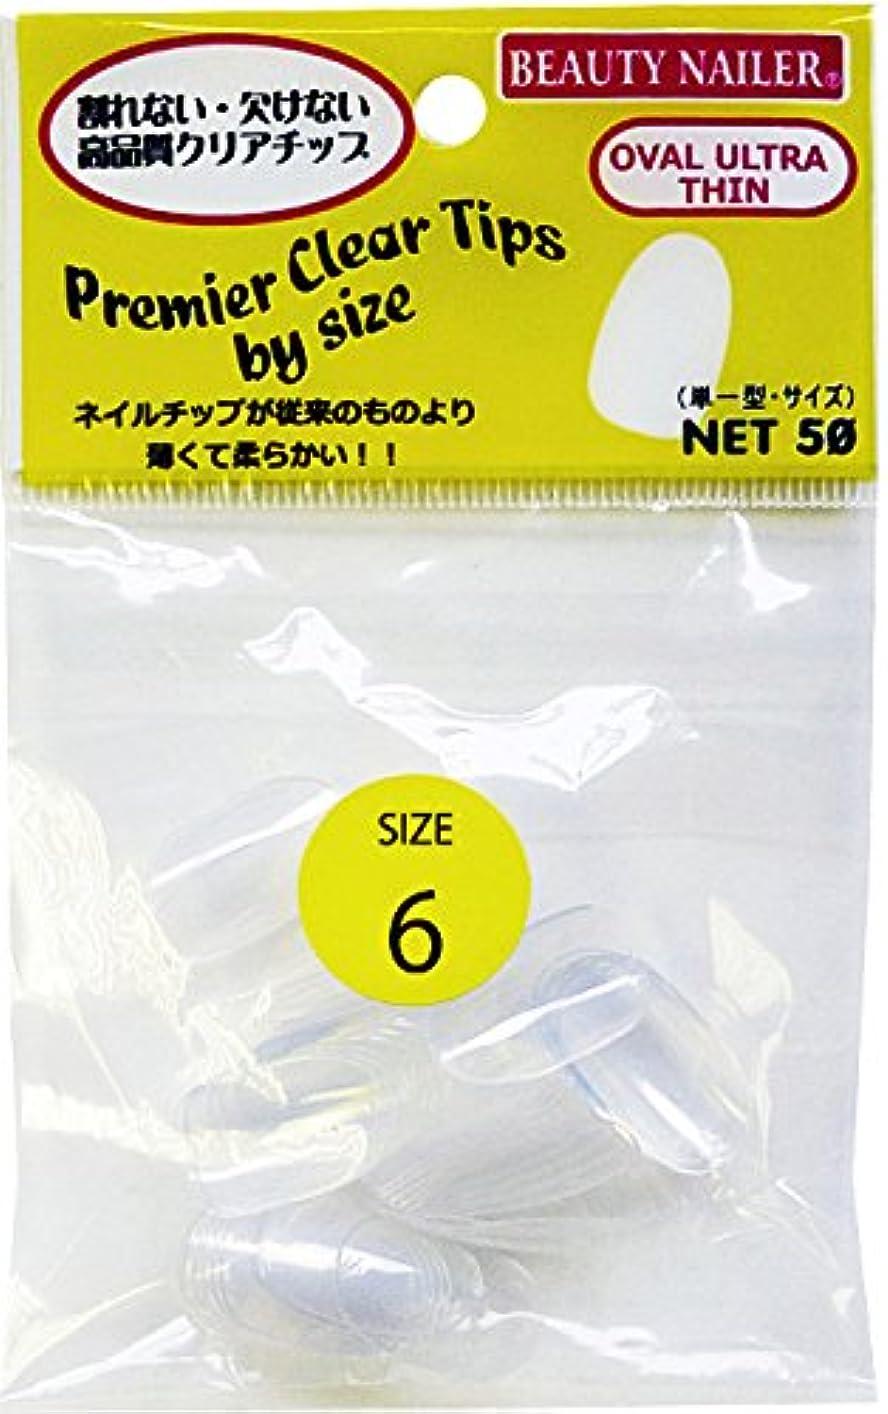 マーカーログ形容詞プレミアティップスバイサイズ オーバルウルトラシン クリア SIZE6